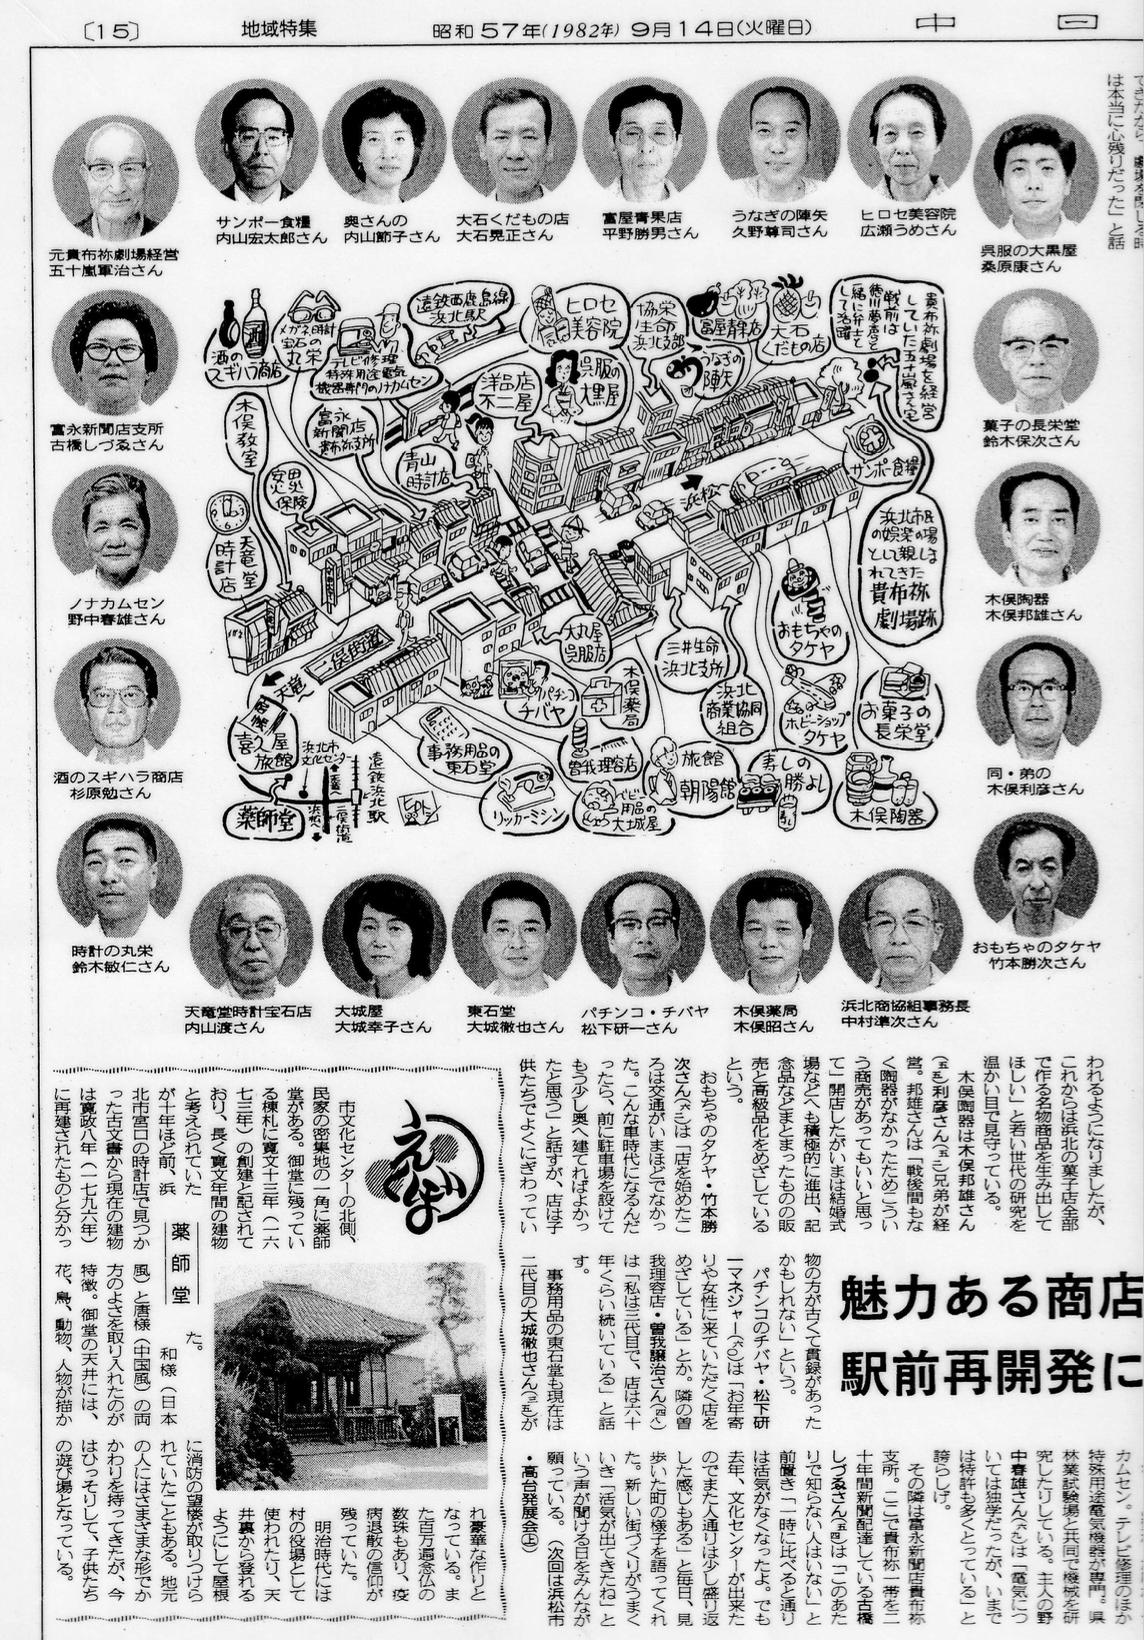 1982年中日新聞わが町「旧浜北市貴布祢二俣街道記事」左側